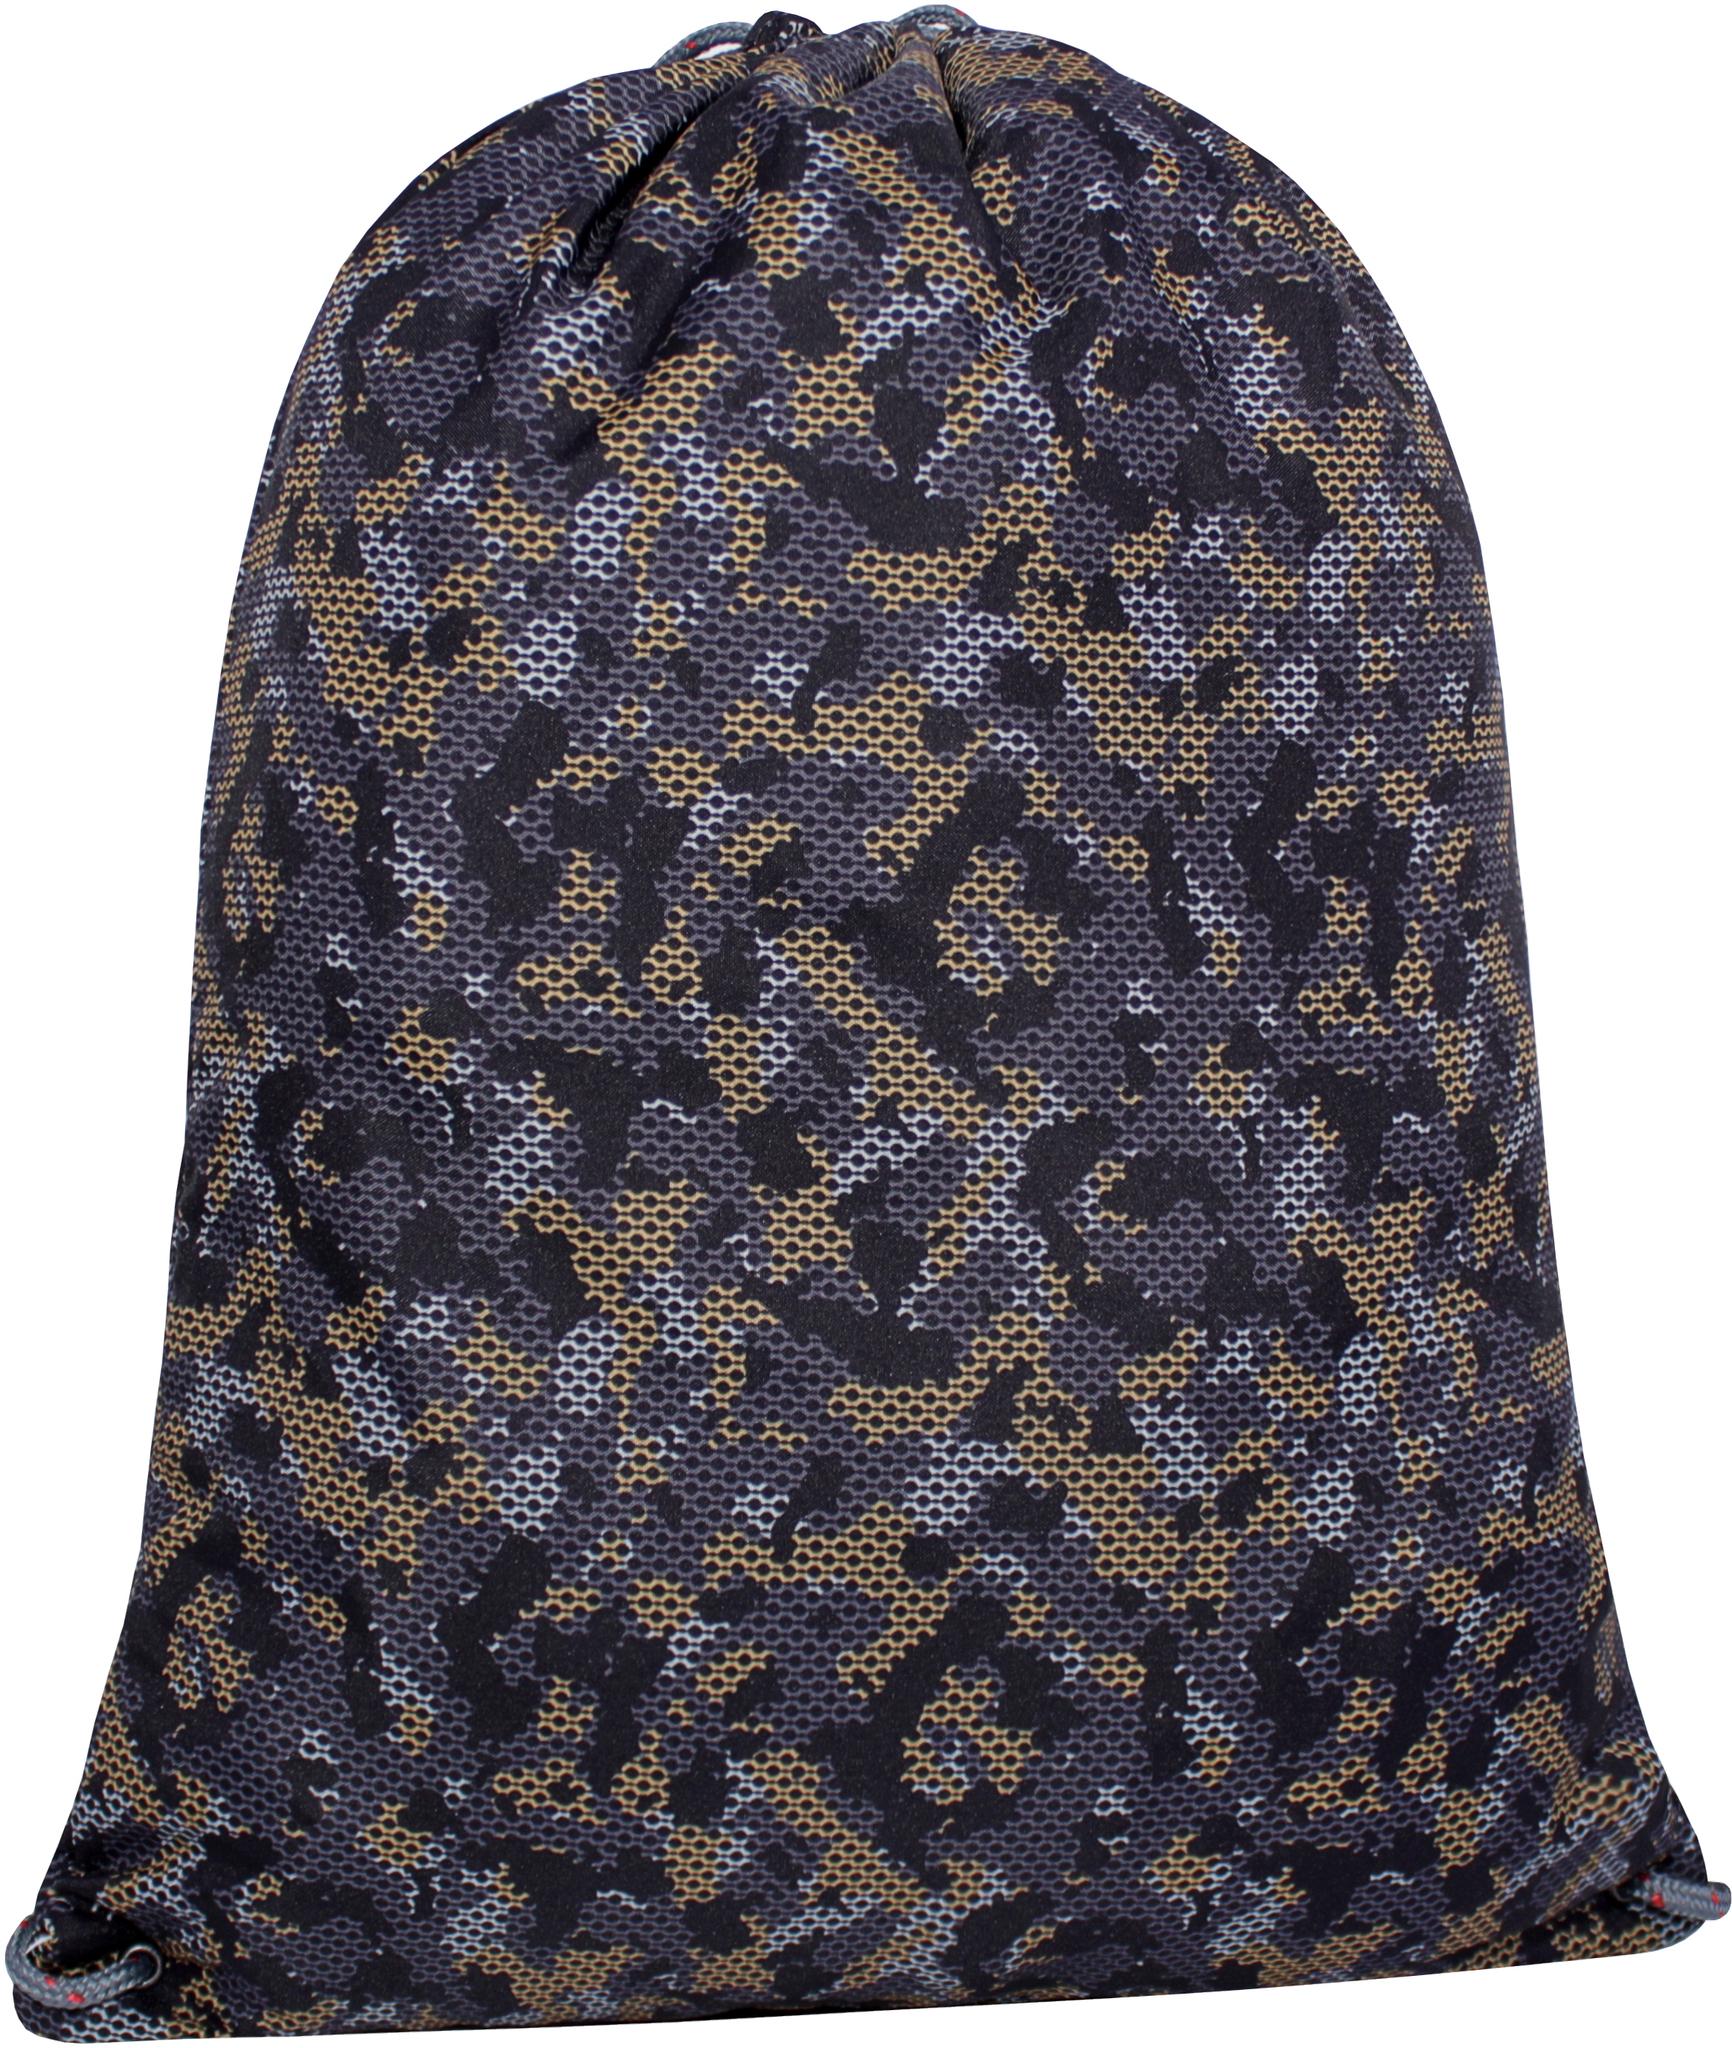 Мешок под обувь Рюкзак Bagland Котомка 8 л. Сублимация 455 (005661524) IMG_1710_суб.455_.JPG